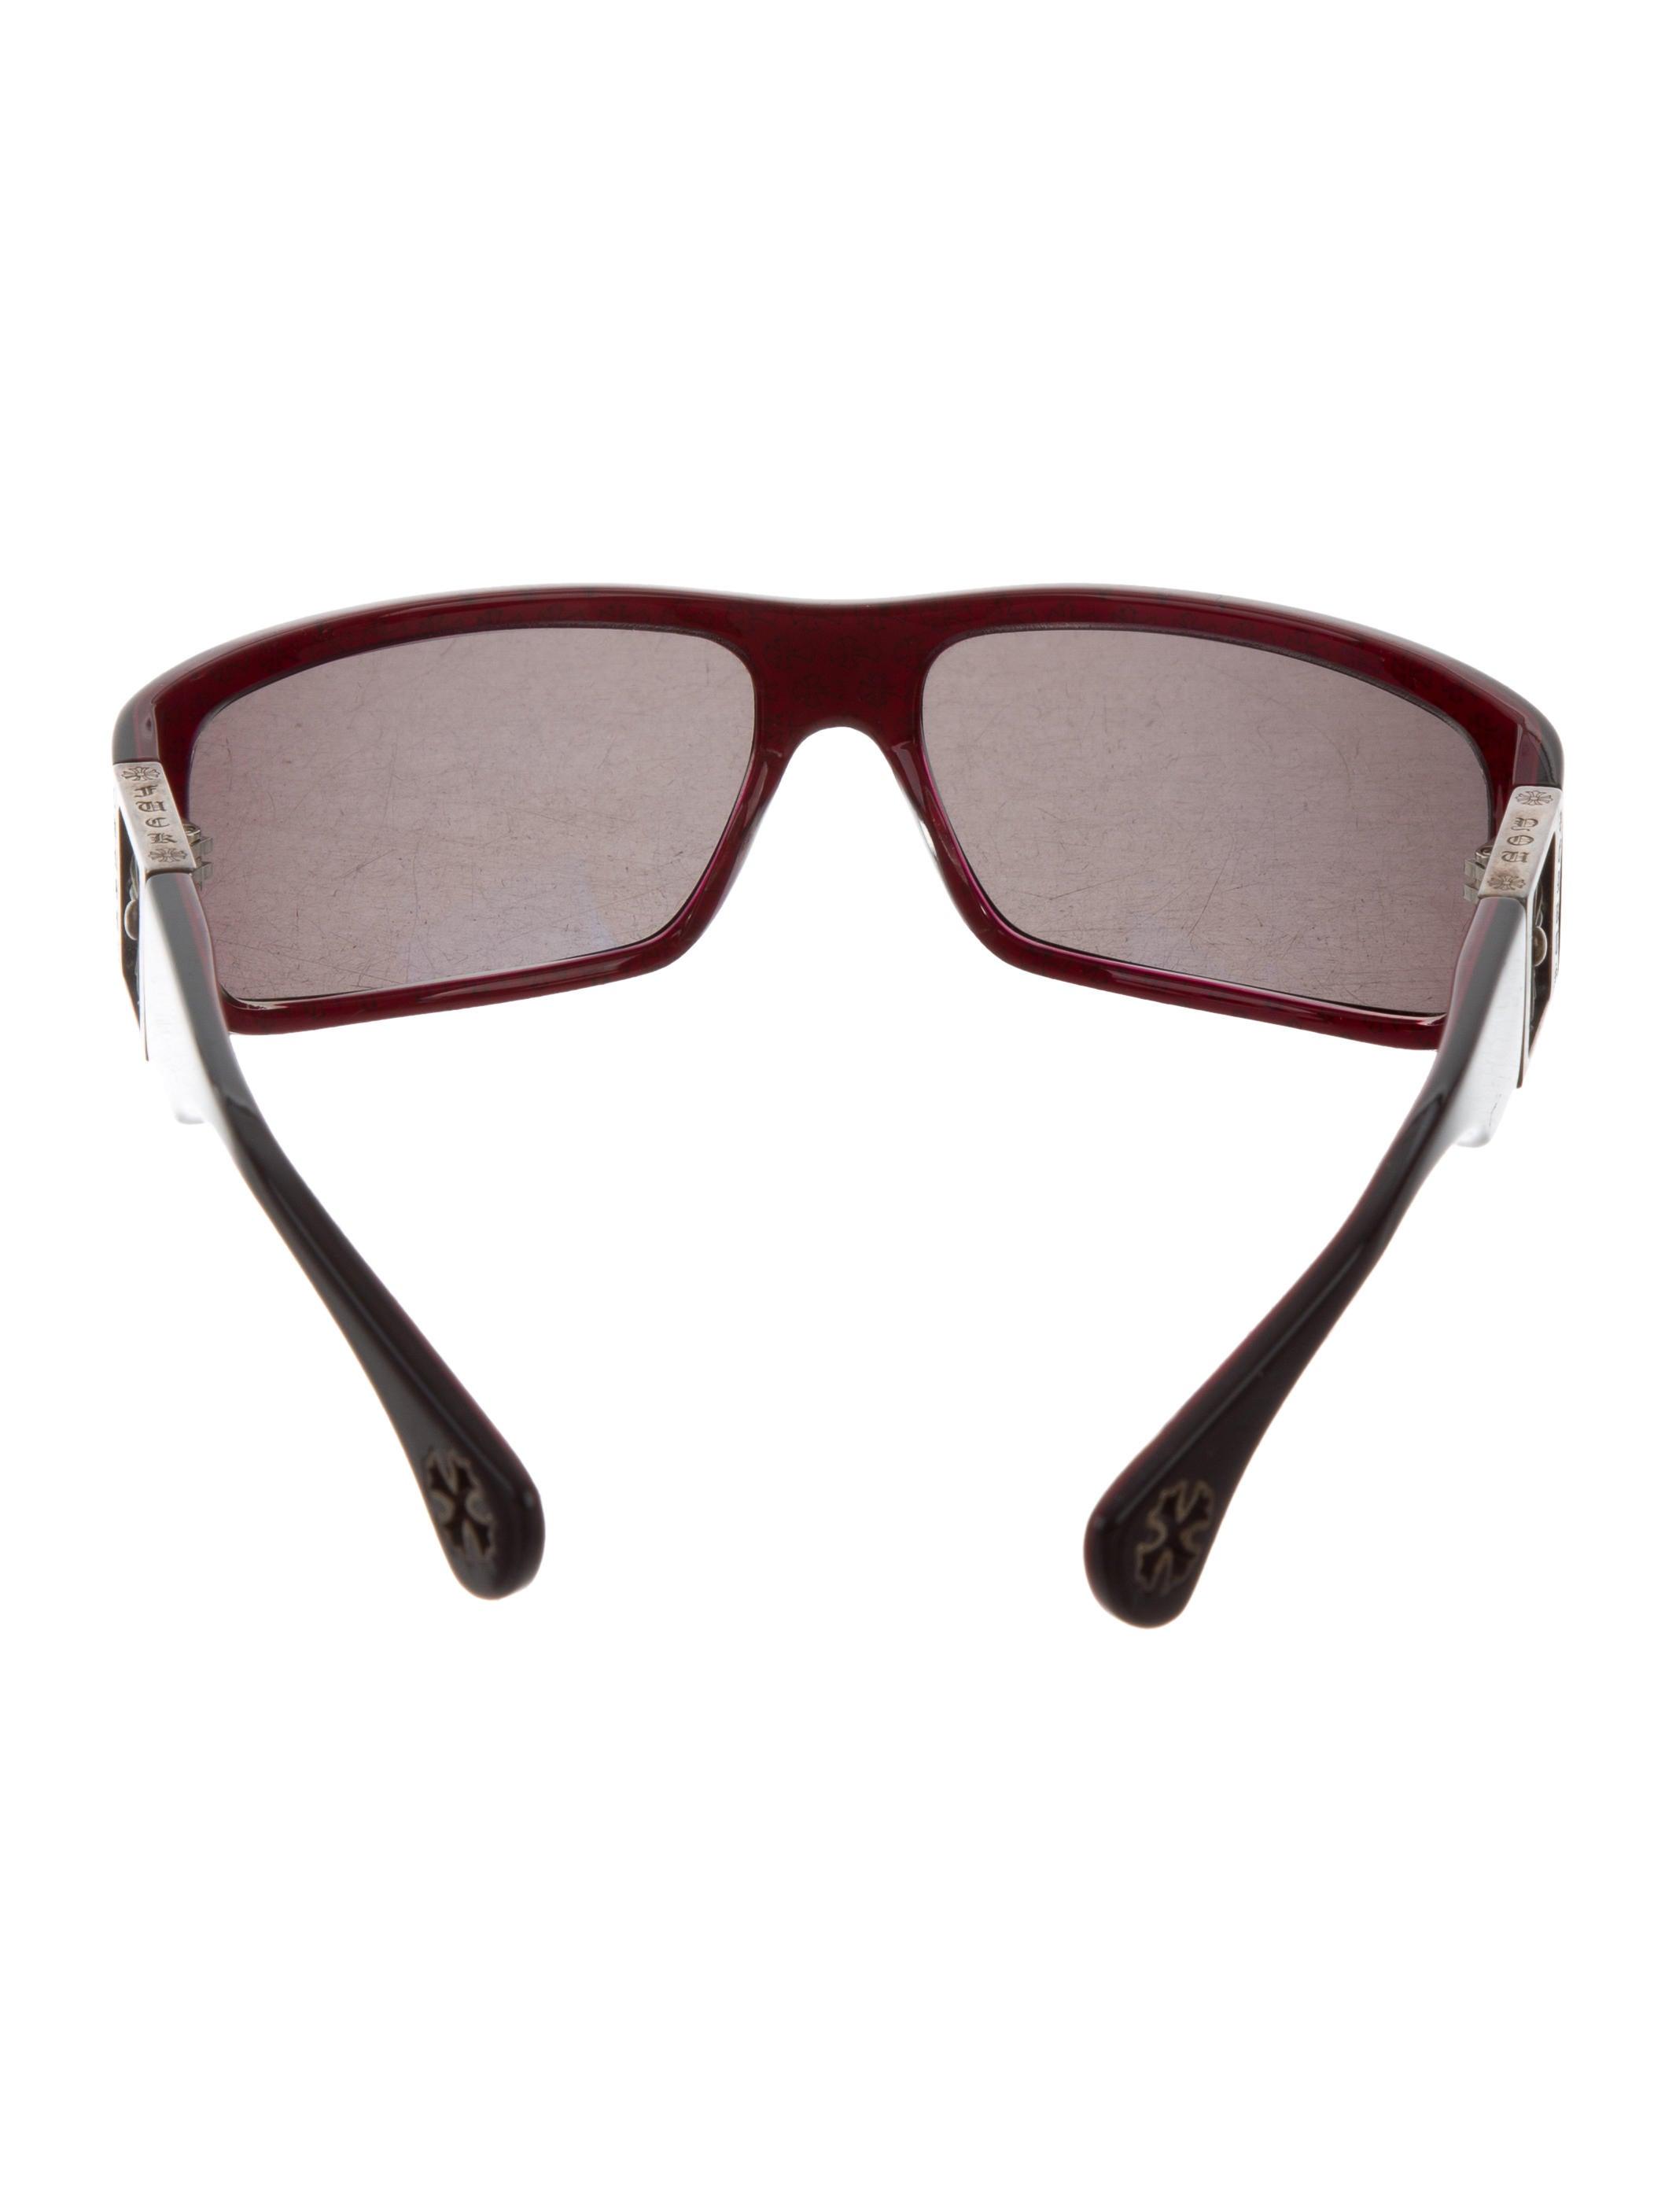 65c2096e4de Chrome Hearts Rejected Sunglasses Sale